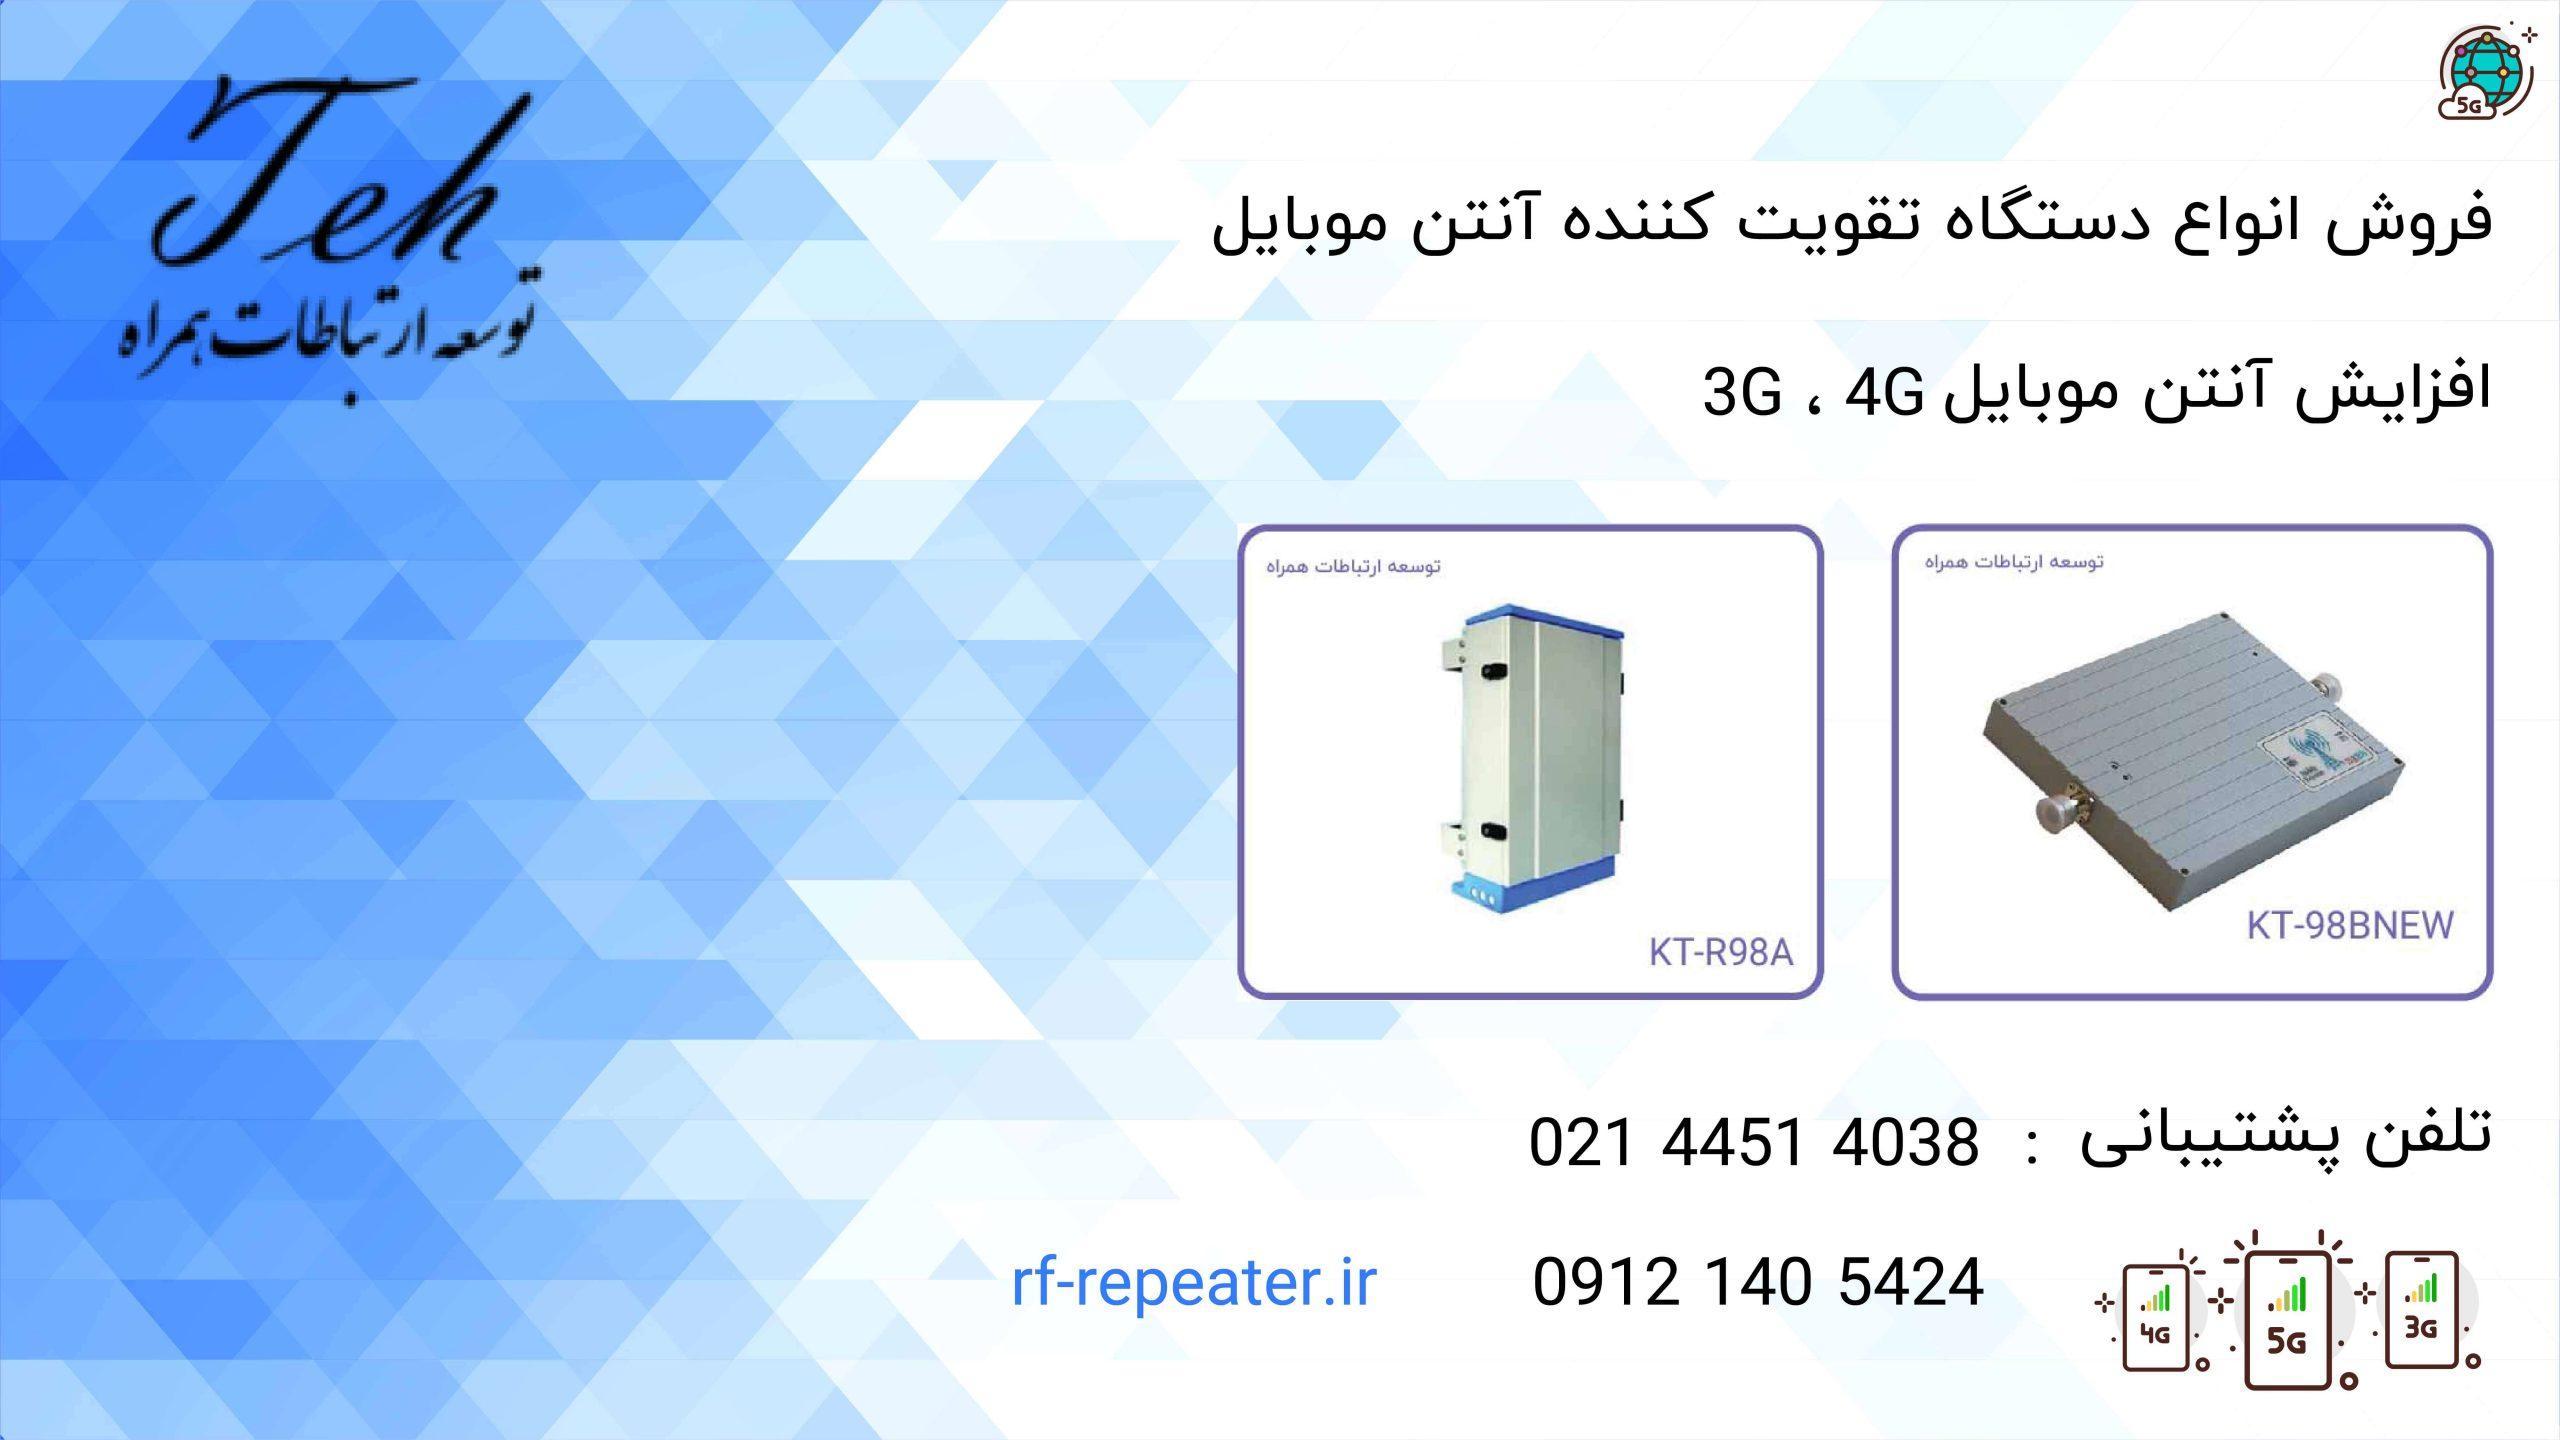 تولید کننده انواع دستگاه تقویت آنتن موبایل در ایران